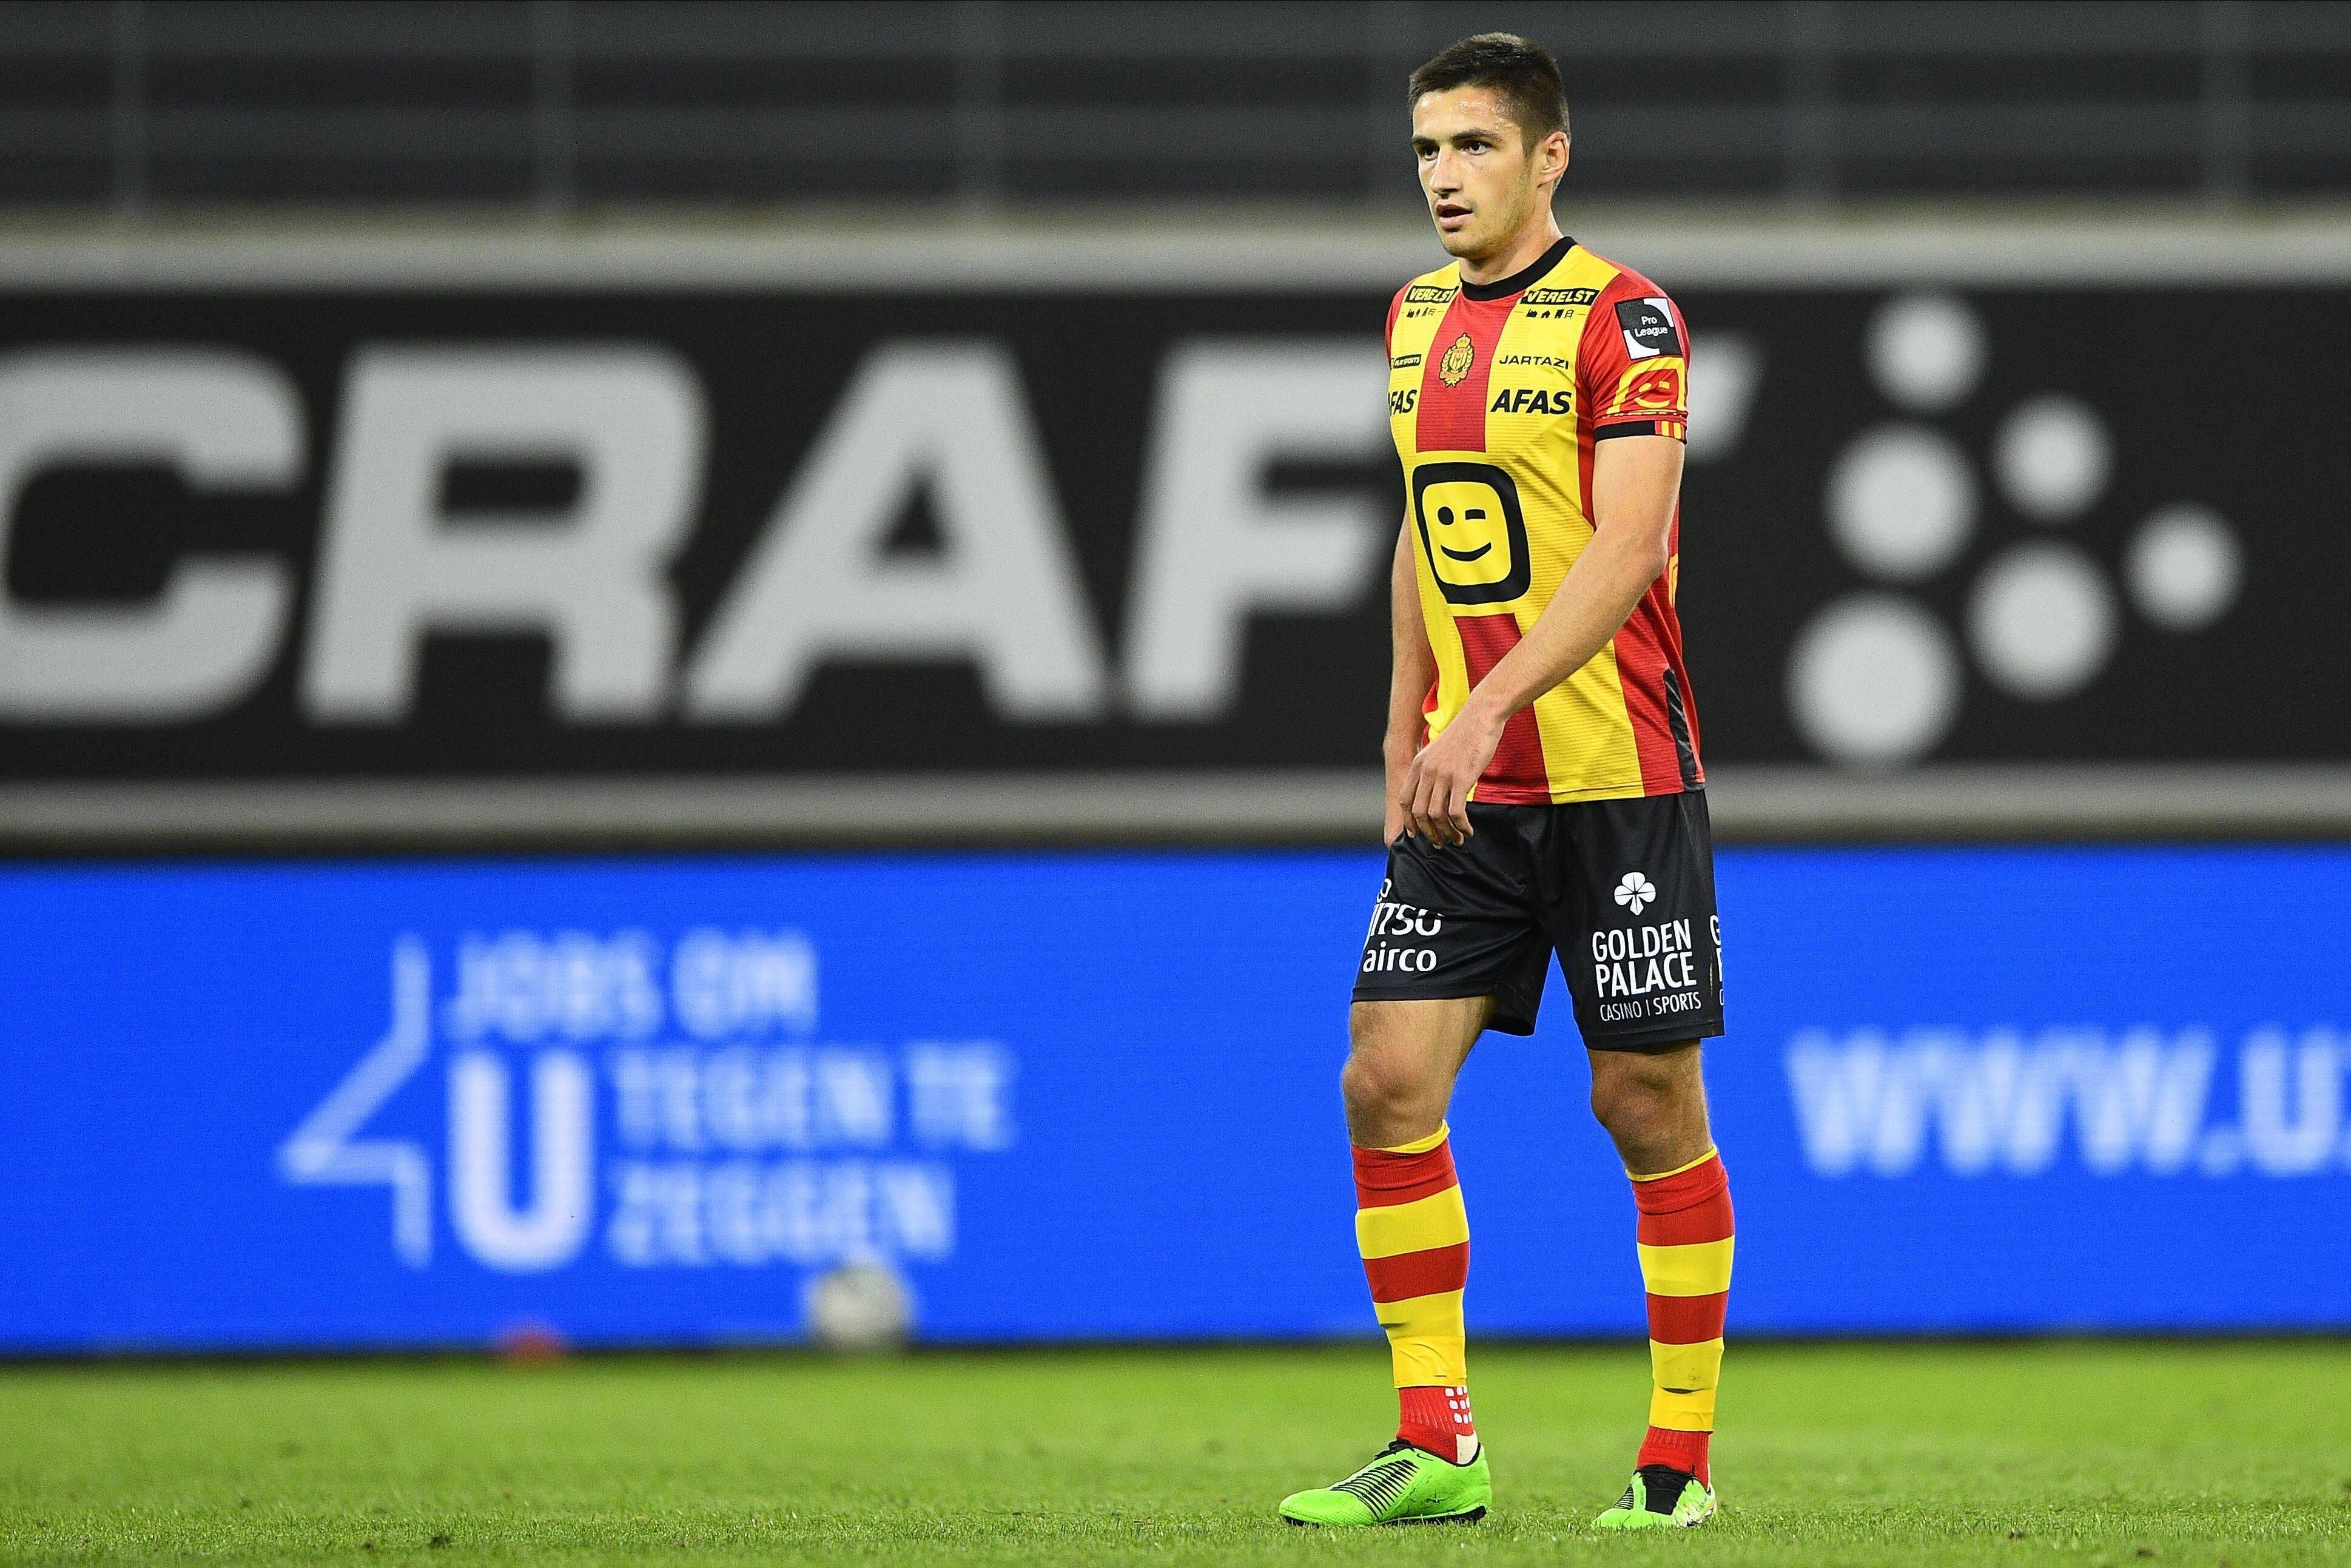 Video Super Sub Marian Shved Scores Late Winner For Kv Mechelen